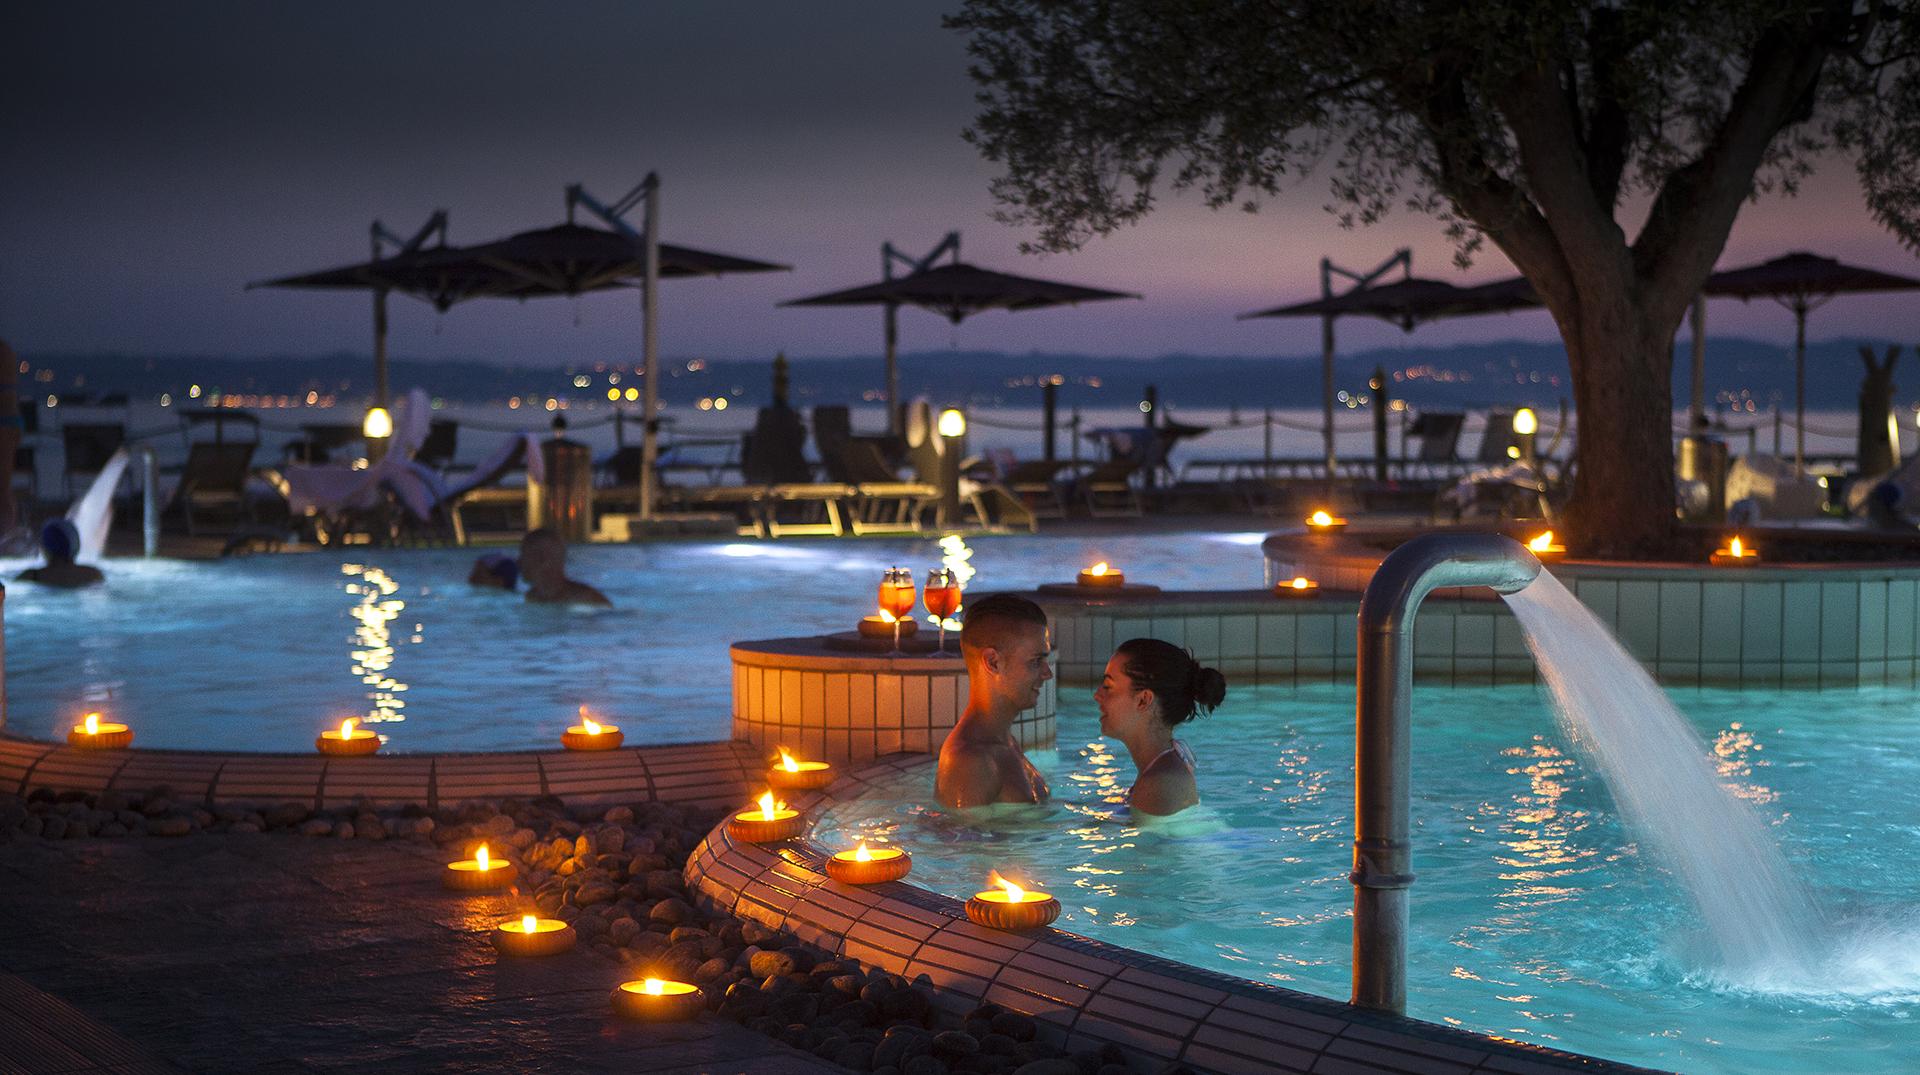 Provincia di Brescia, Sirmione, Lago di garda, terme di sirmione, aquariaterme